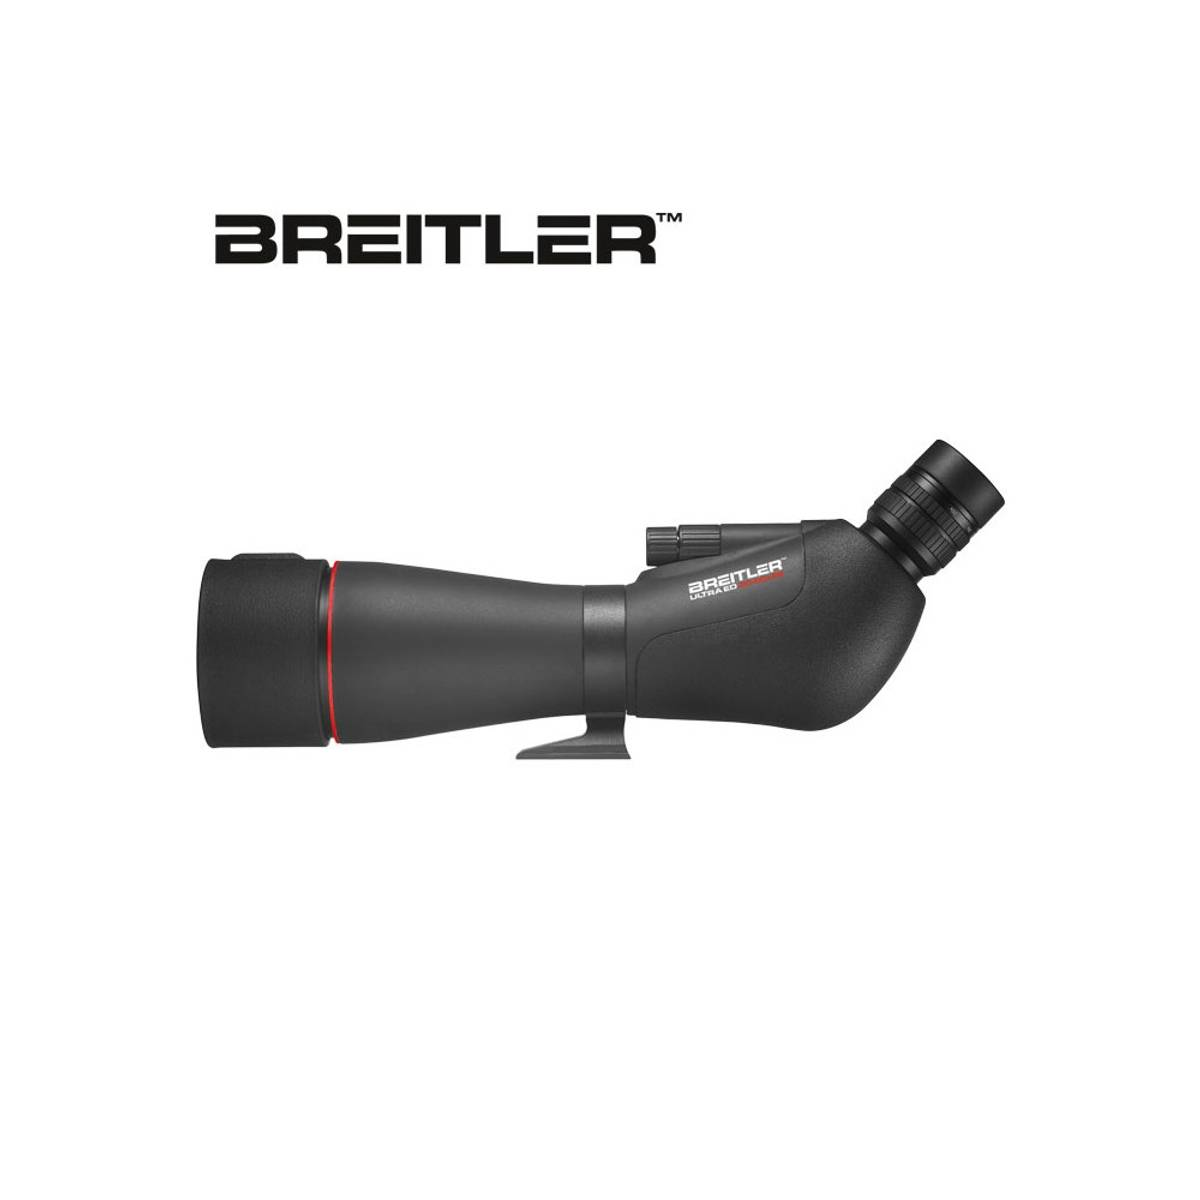 Breitler Ultra ED 20-60x85 stativkikkert inkl. stativ